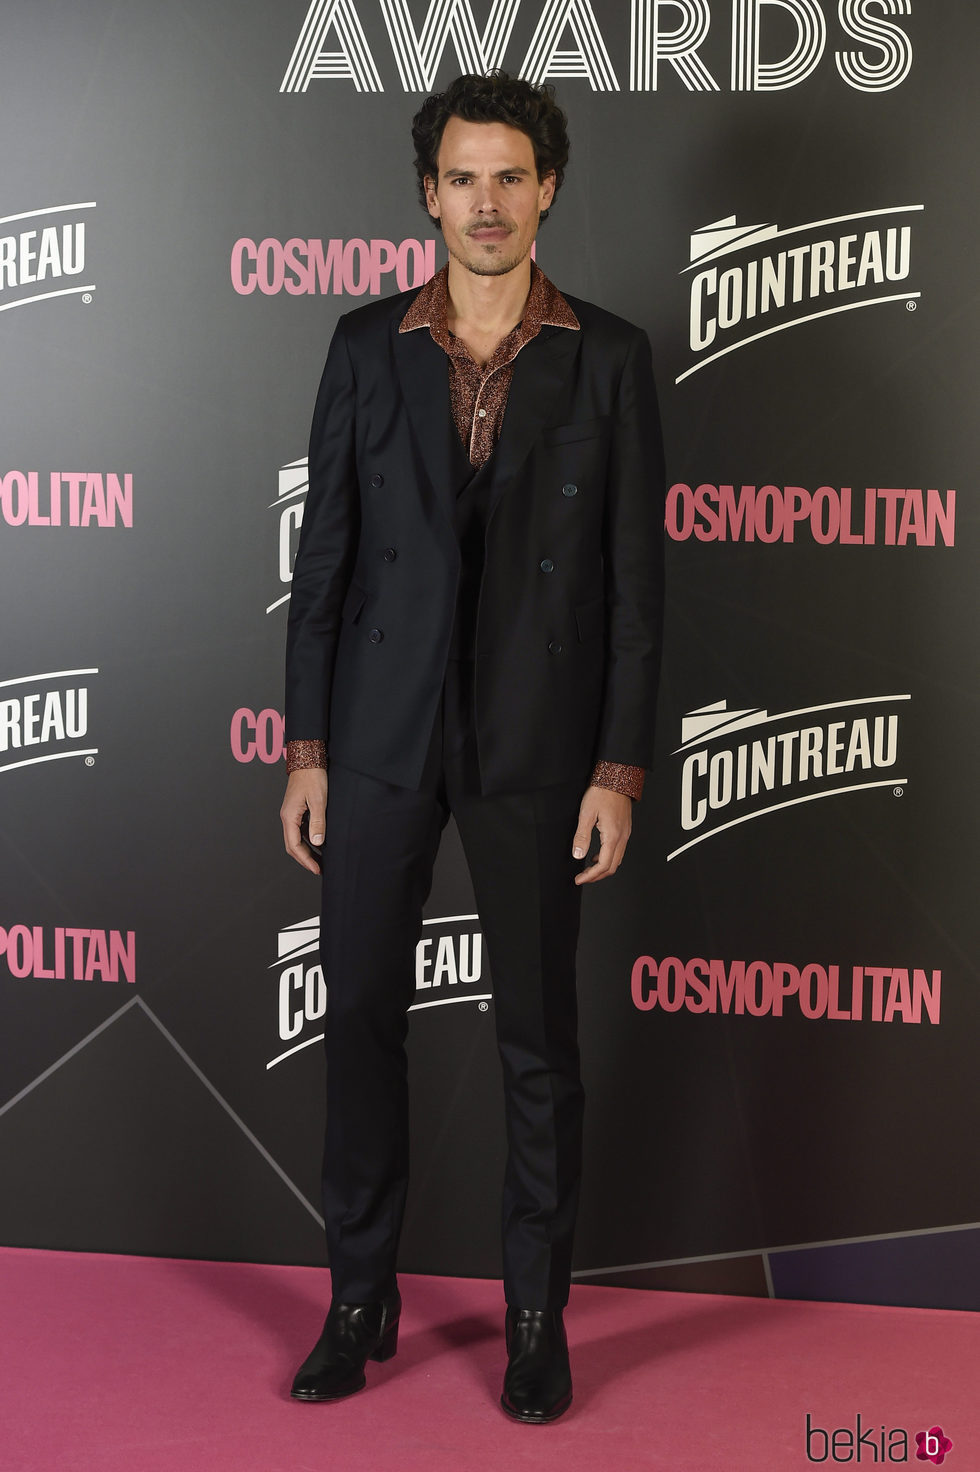 Juan Abellaneda en los Premios Cosmopolitan 2017